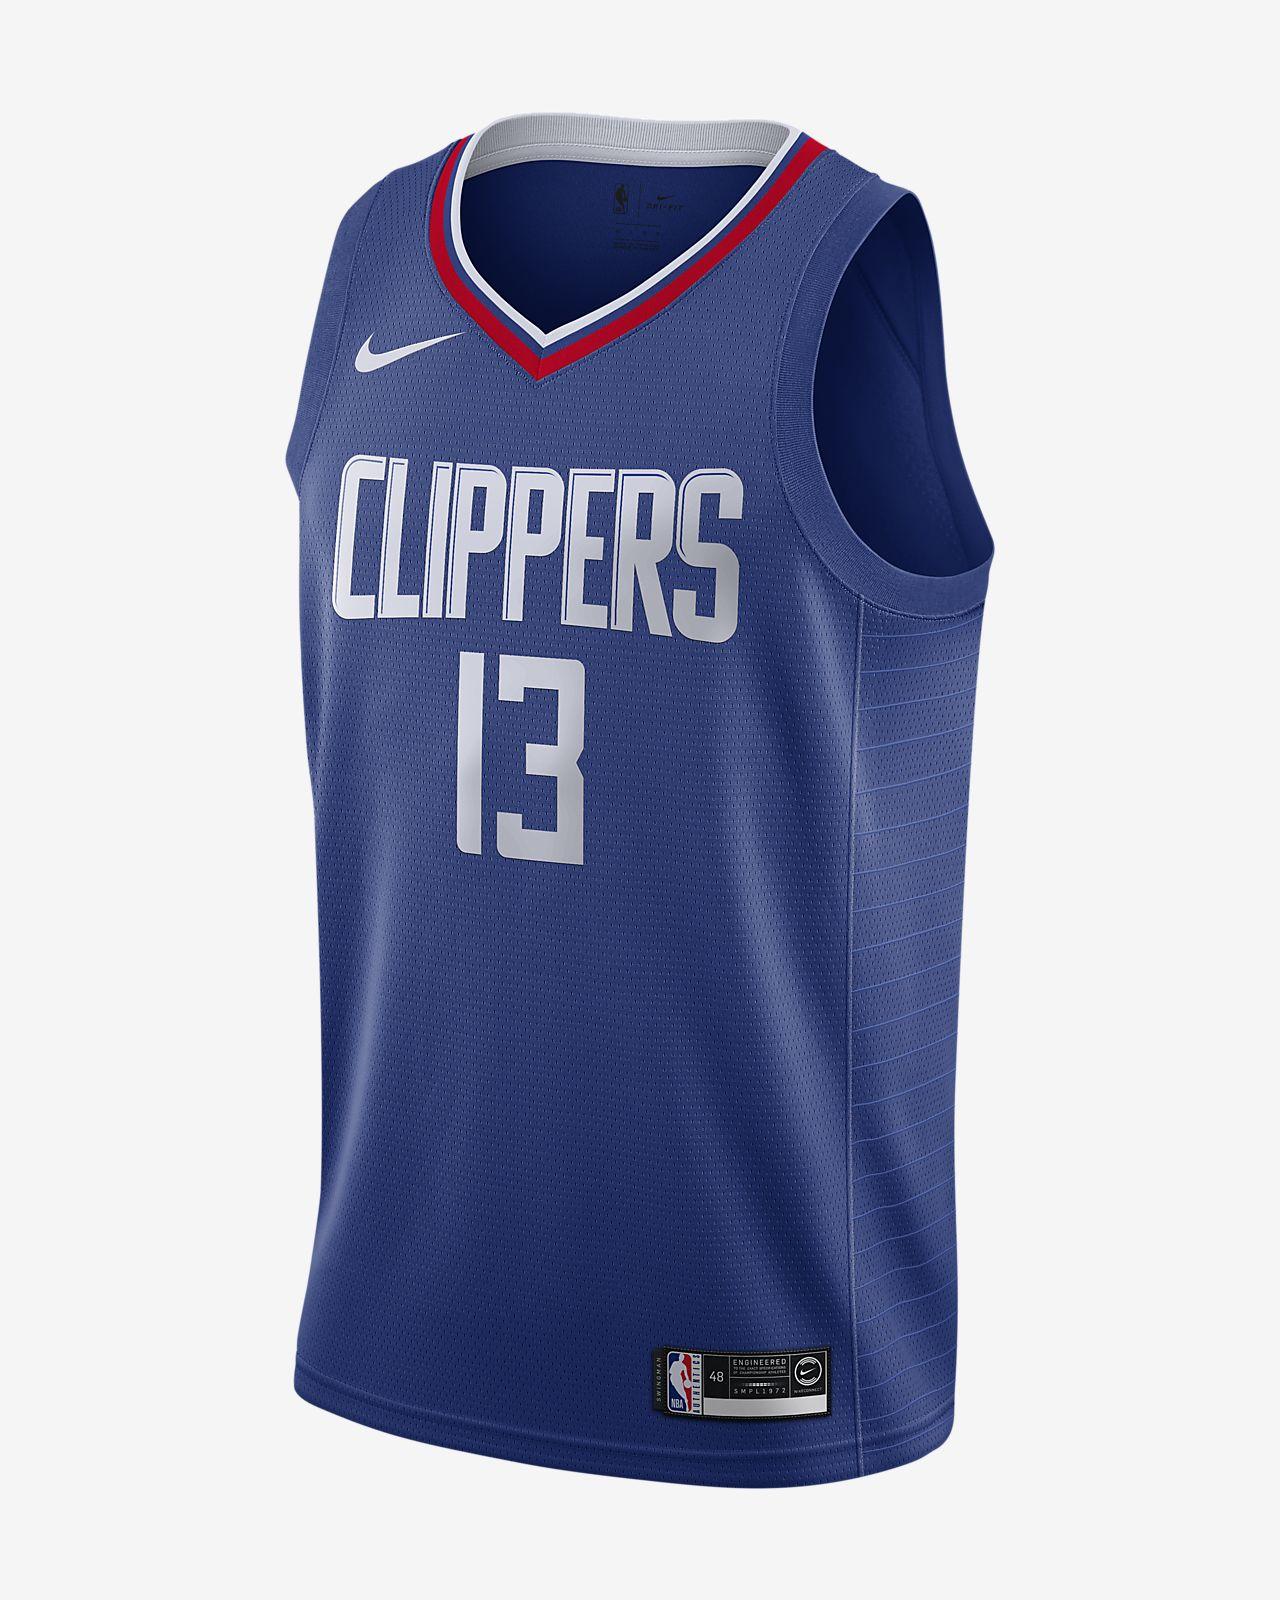 ポール ジョージ クリッパーズ アイコン エディション メンズ ナイキ NBA スウィングマン ジャージー